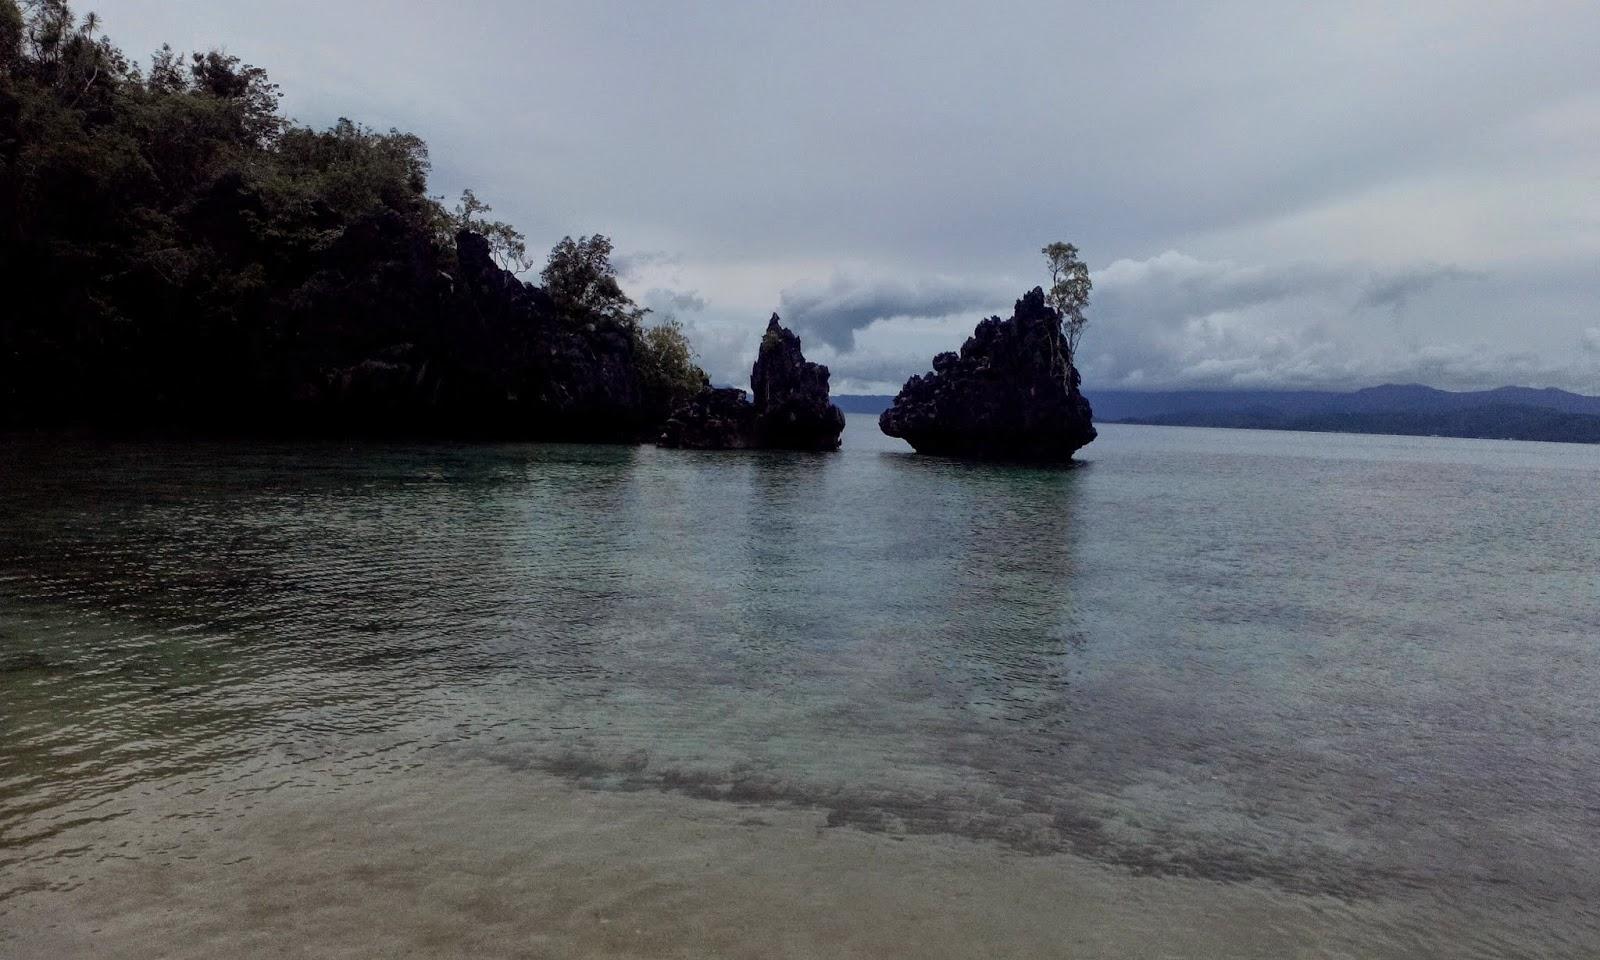 Wisata Pulau Senja Kendari Keindahan Tebing Dan Pantai Alami